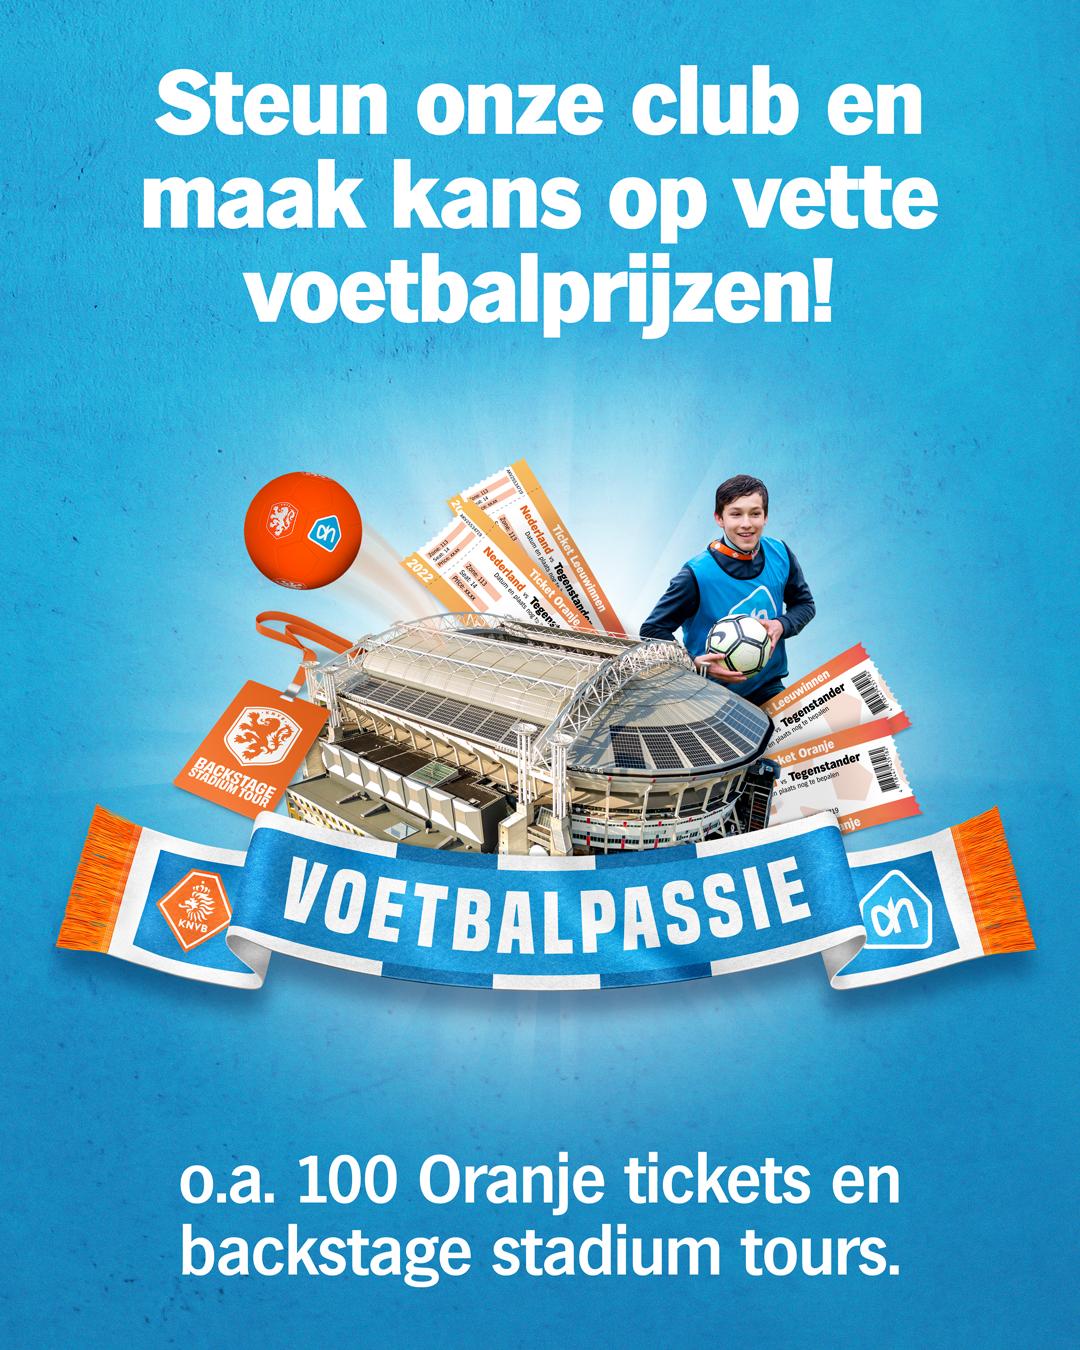 Voetbalpassie: boodschappen doen bij Albert Heijn levert de club geld op